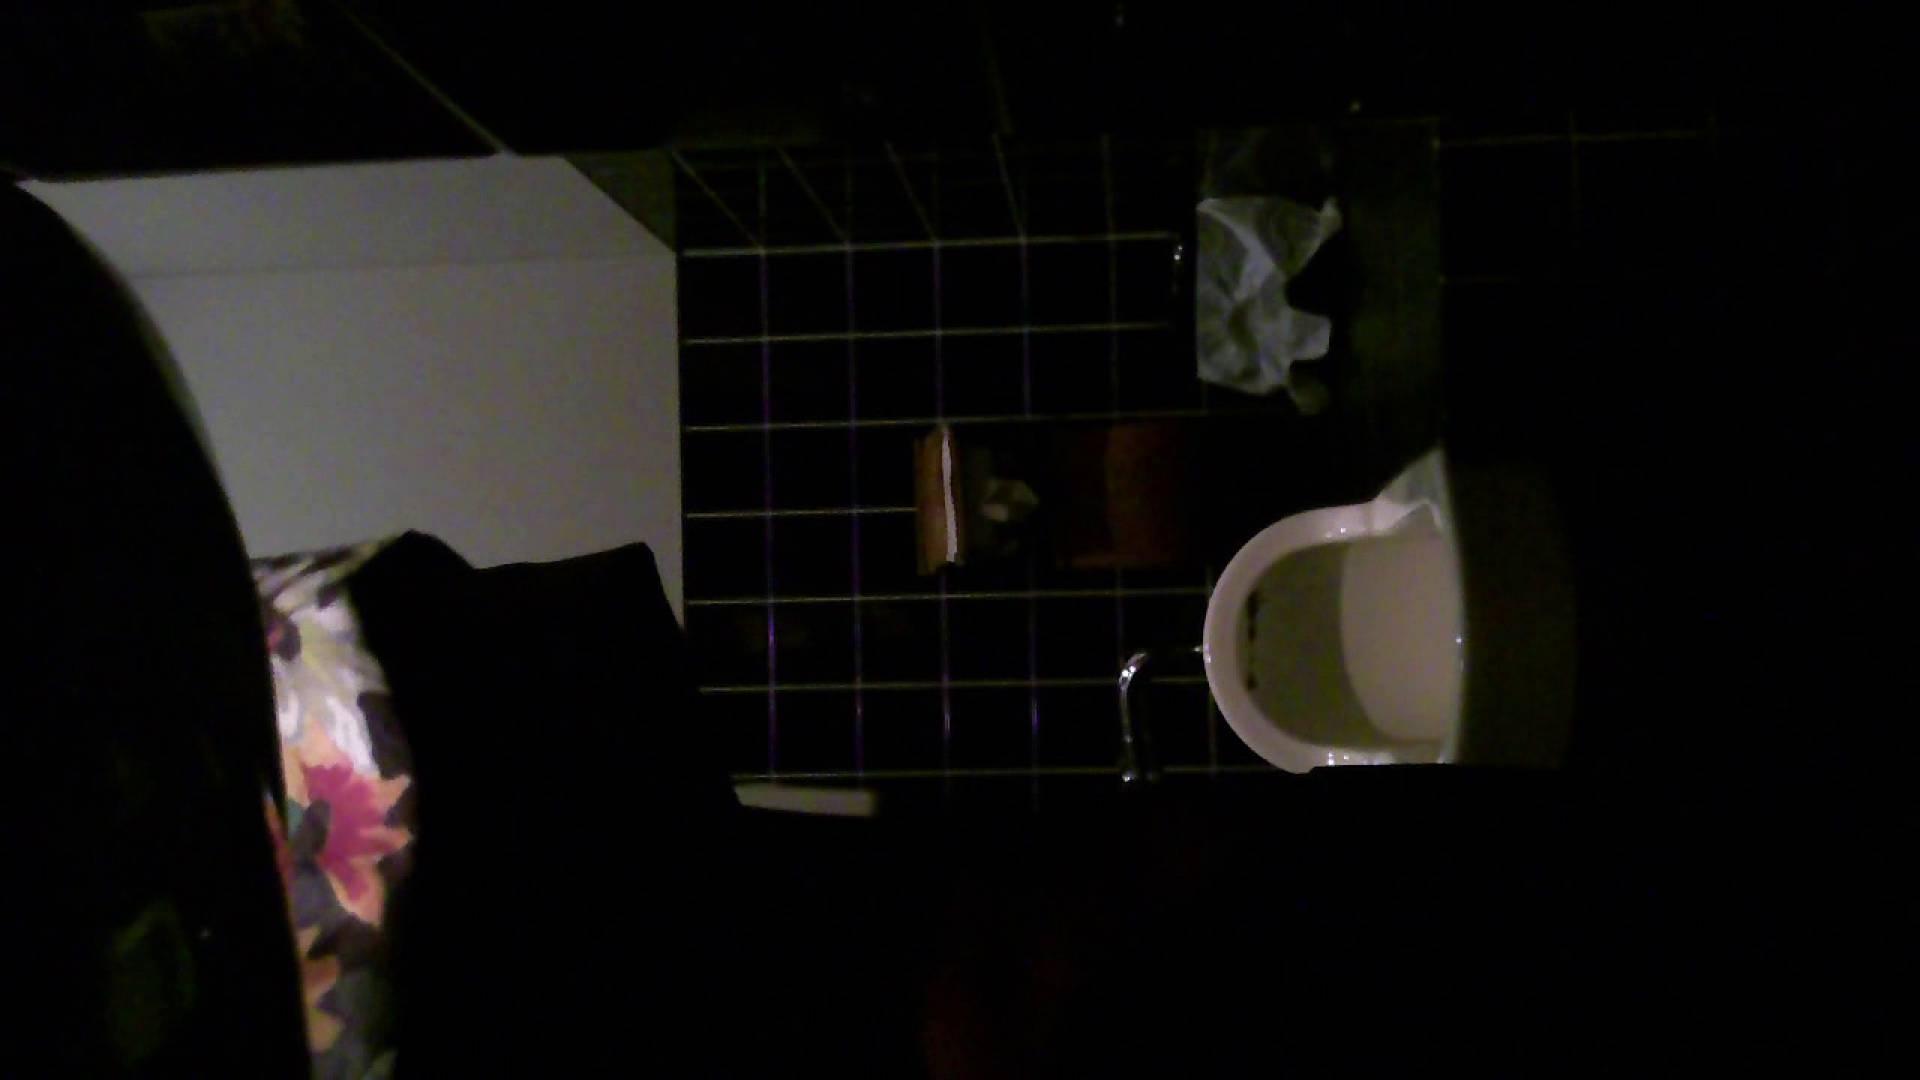 美女の集まる飲み屋洗面所 vol.04 エロティックなOL  76画像 68